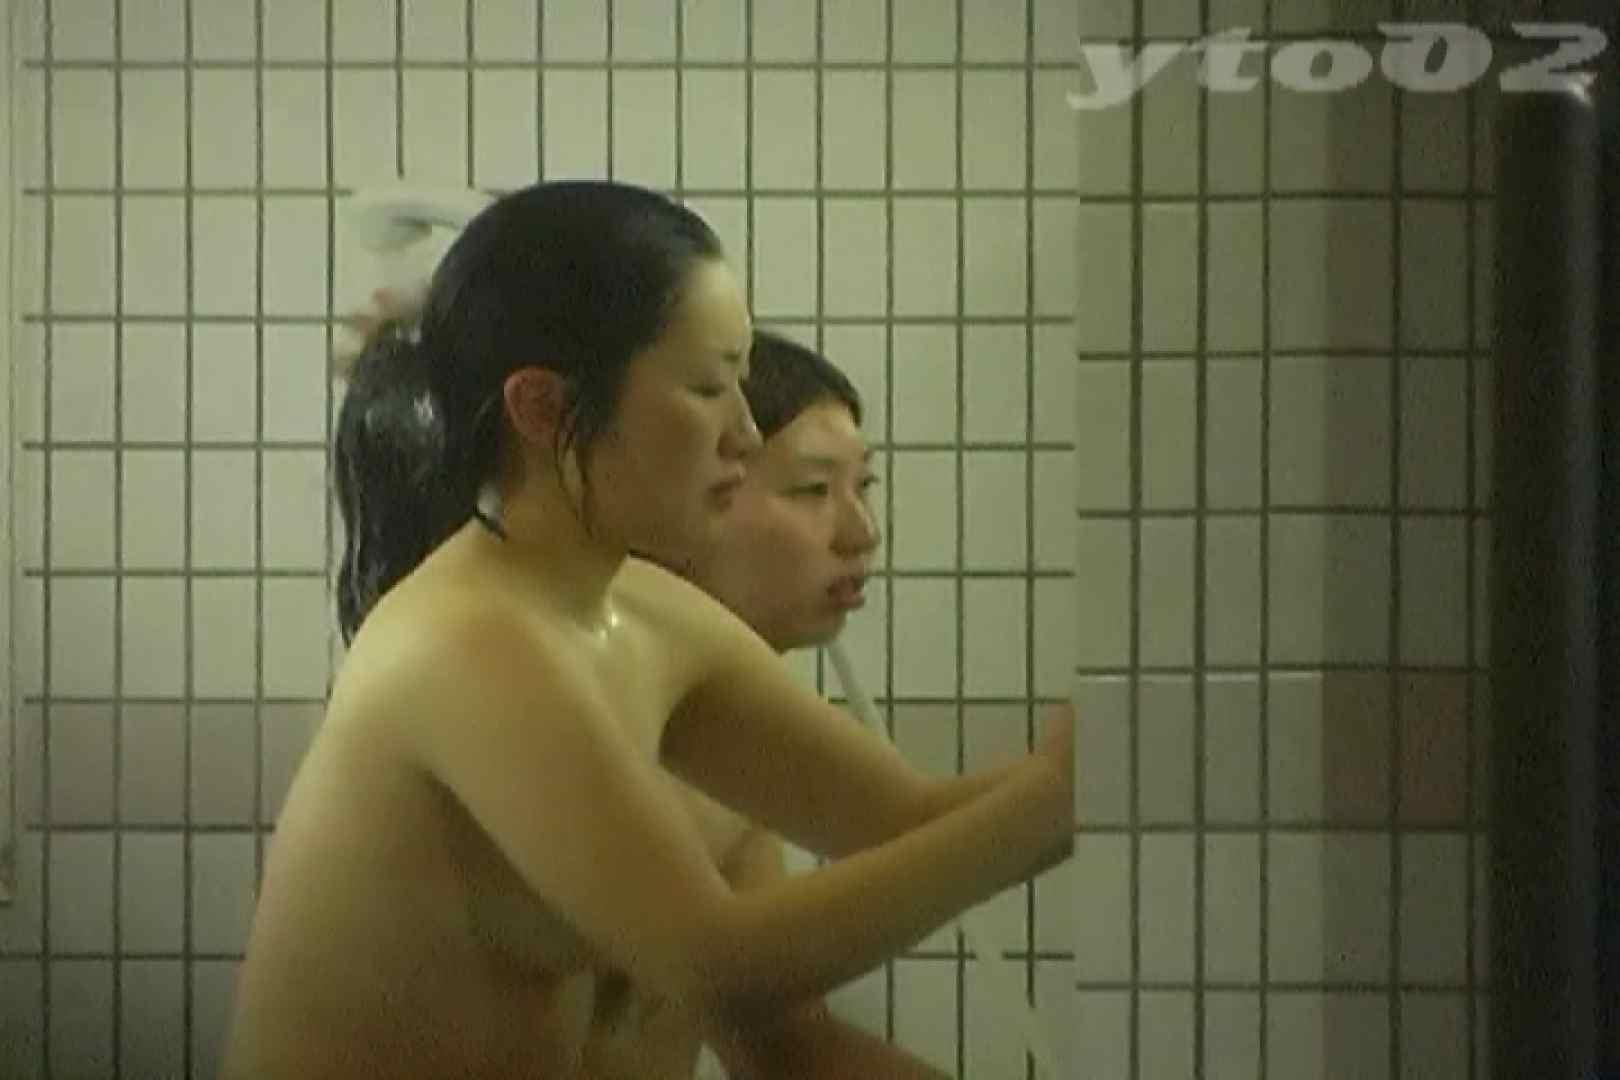 ▲復活限定▲合宿ホテル女風呂盗撮 Vol.11 盗撮映像  106Pix 5